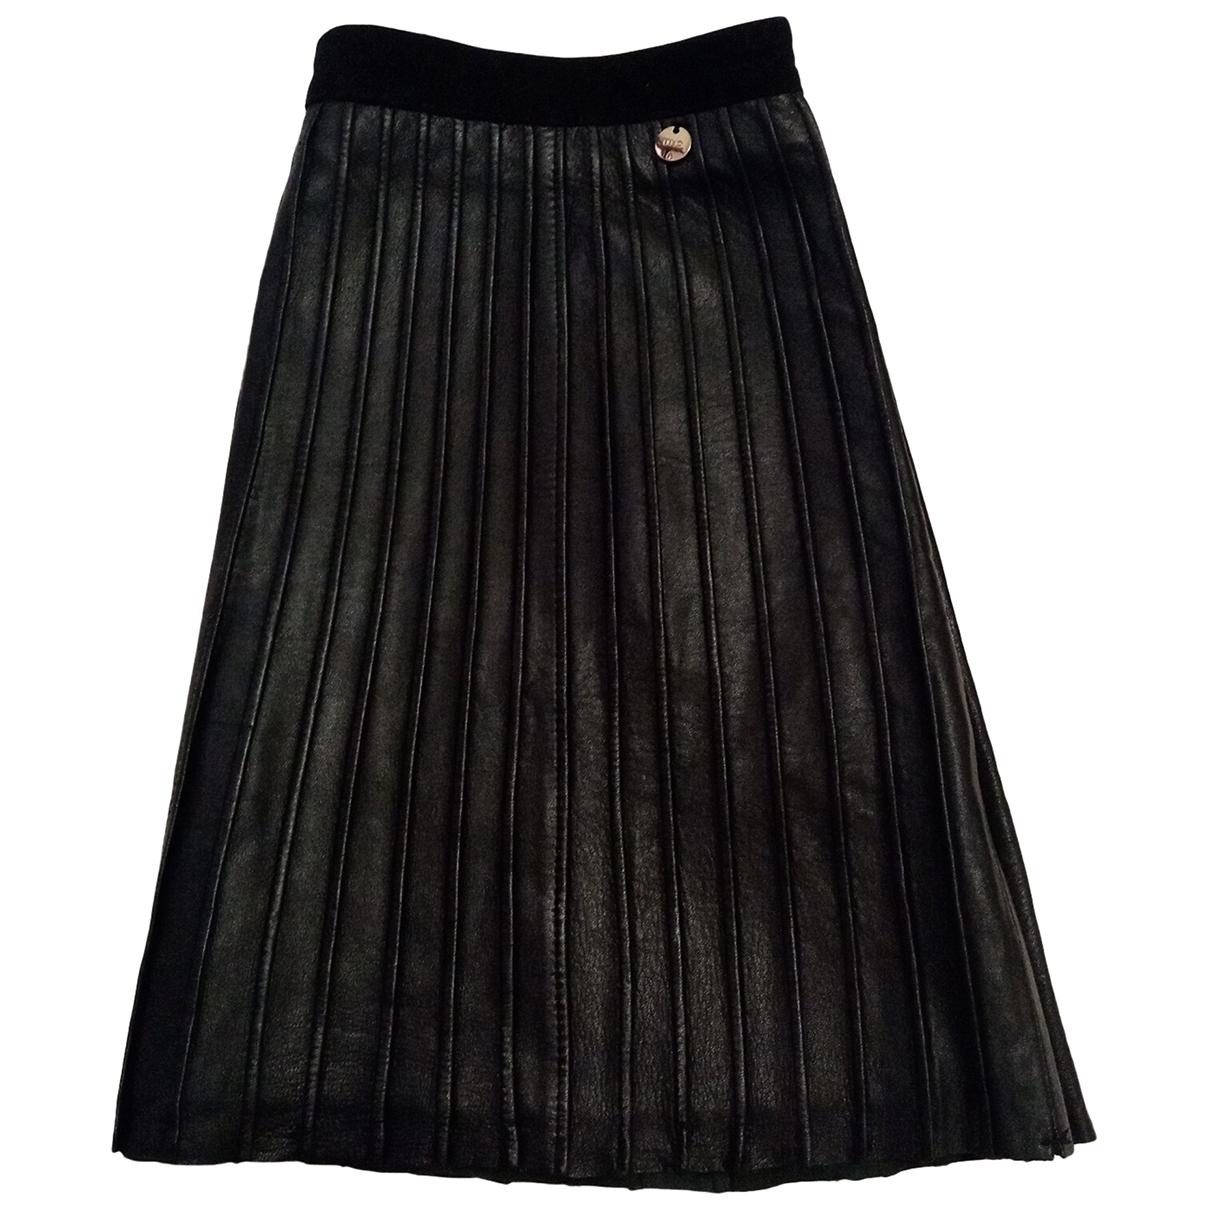 Liu.jo \N Black Leather skirt for Women 40 FR